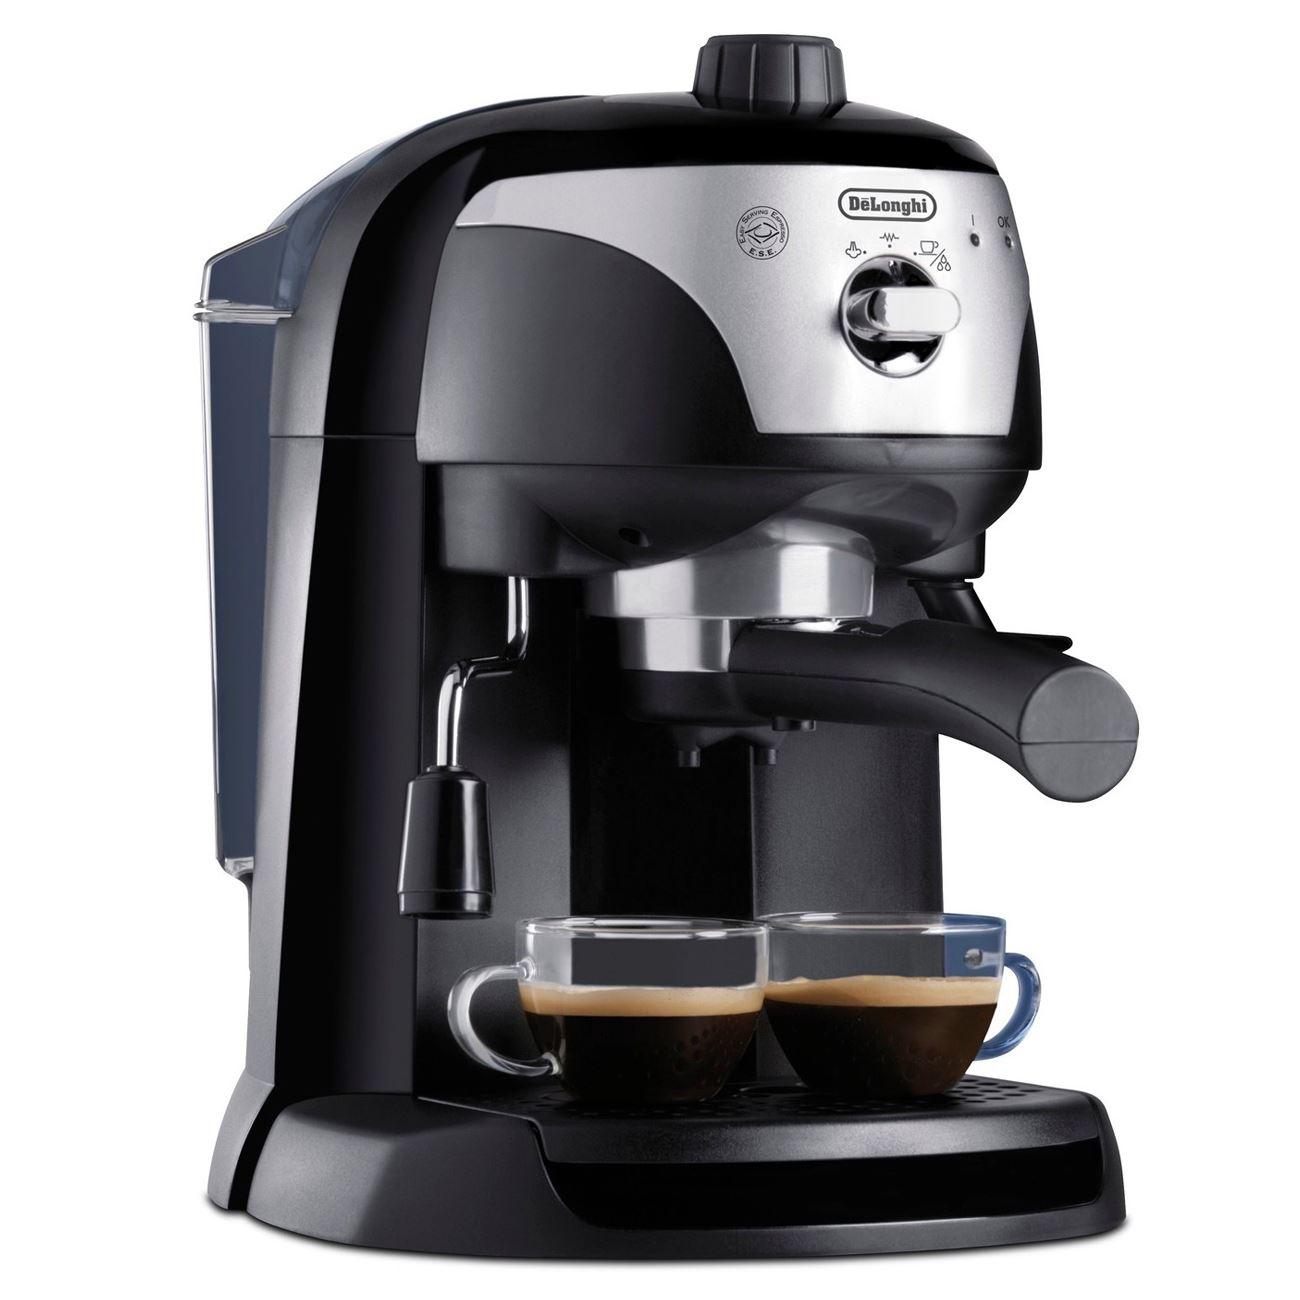 Delonghi ecc220 black motivo pump espresso cappuccino coffee machine maker ne - Machine cafe delonghi ...